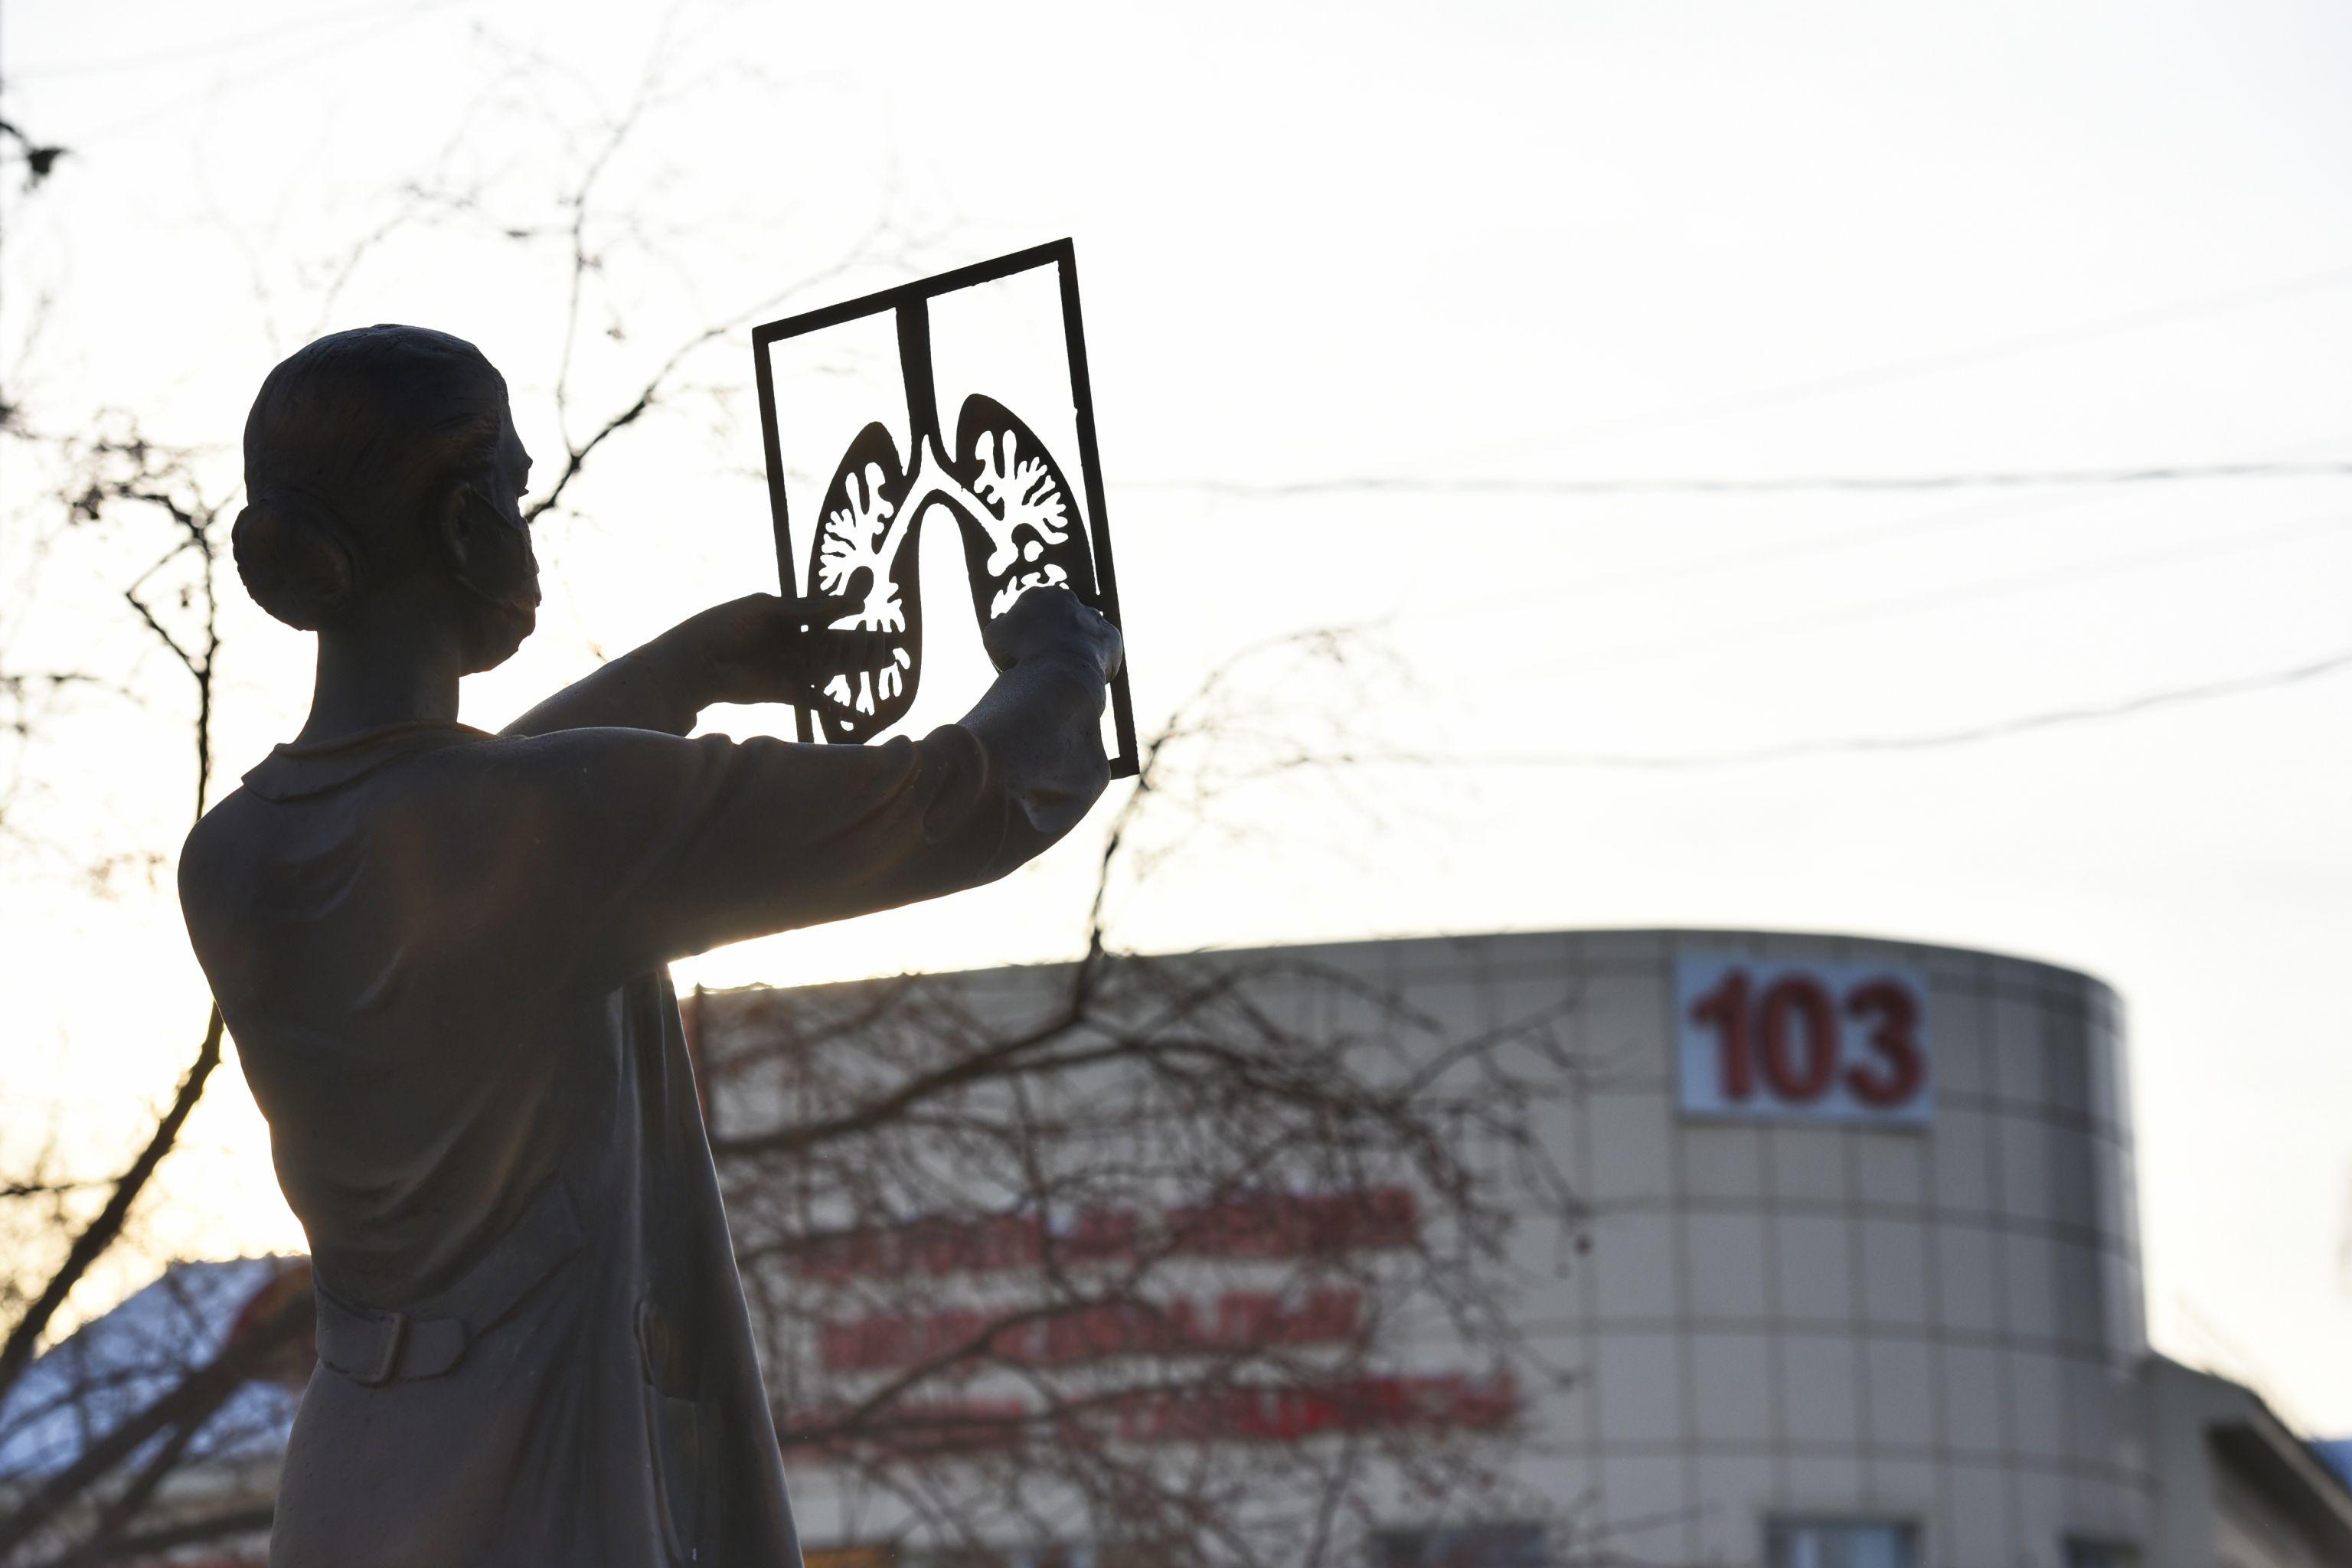 Памятник в знак благодарности медикам установили в Нур-Султане